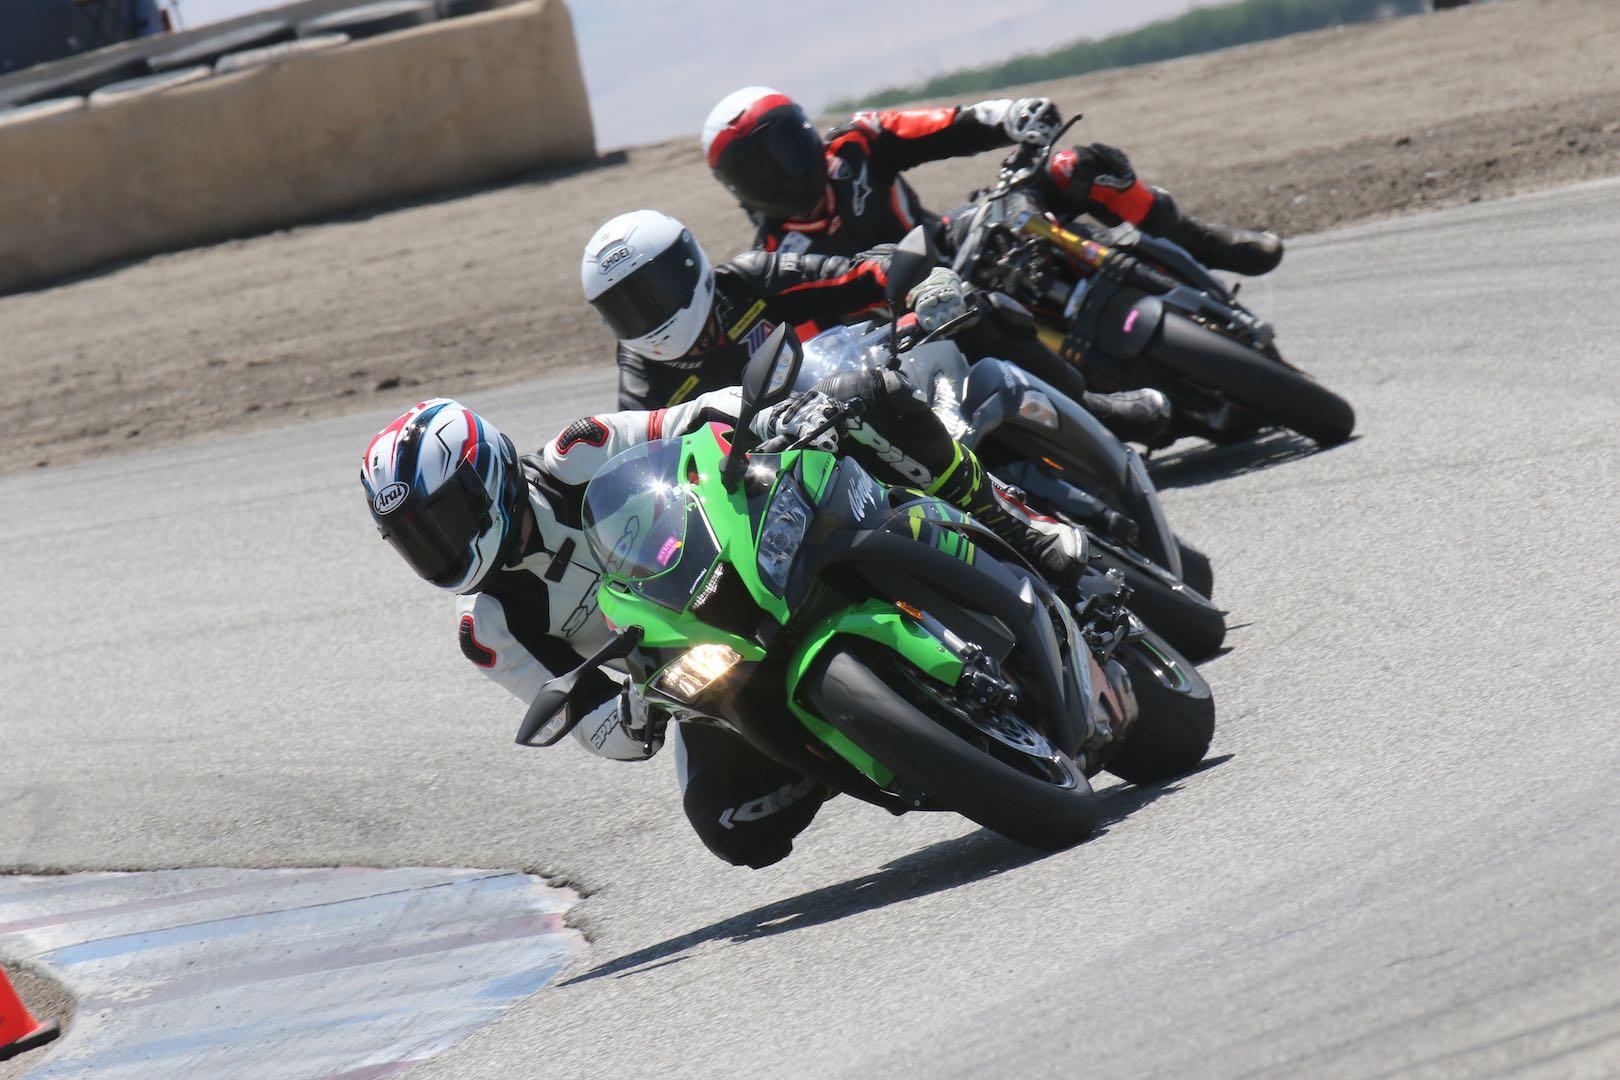 Nic de sena riding with Chris Filmore and Carlin Dunne